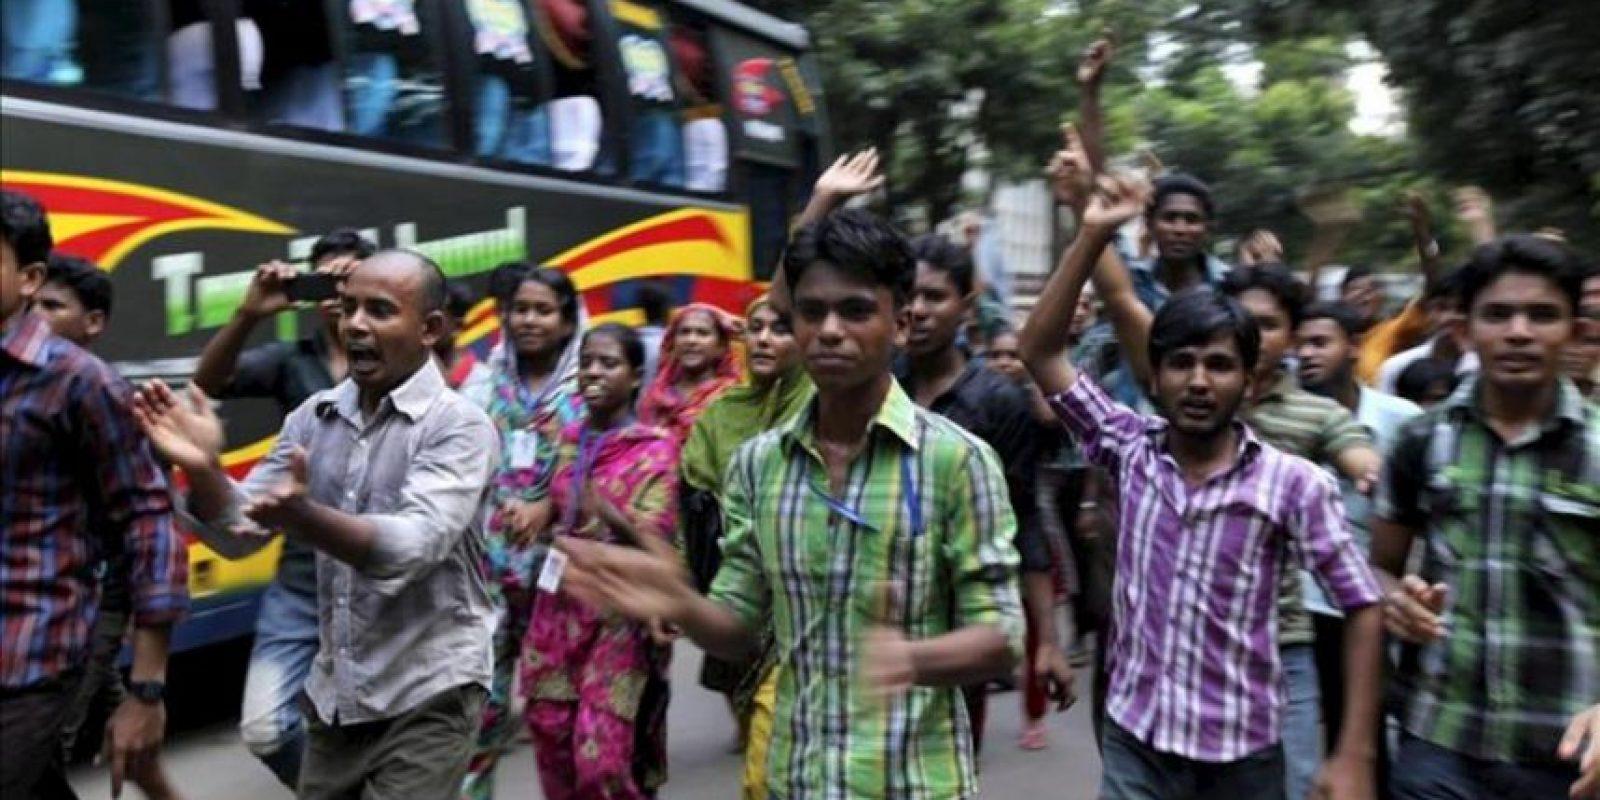 Trabajadores de la industria textil gritan consiignas durante unas protestas en Dacca (Bangladesh) hoy, lunes 23 de septiembre. EFE